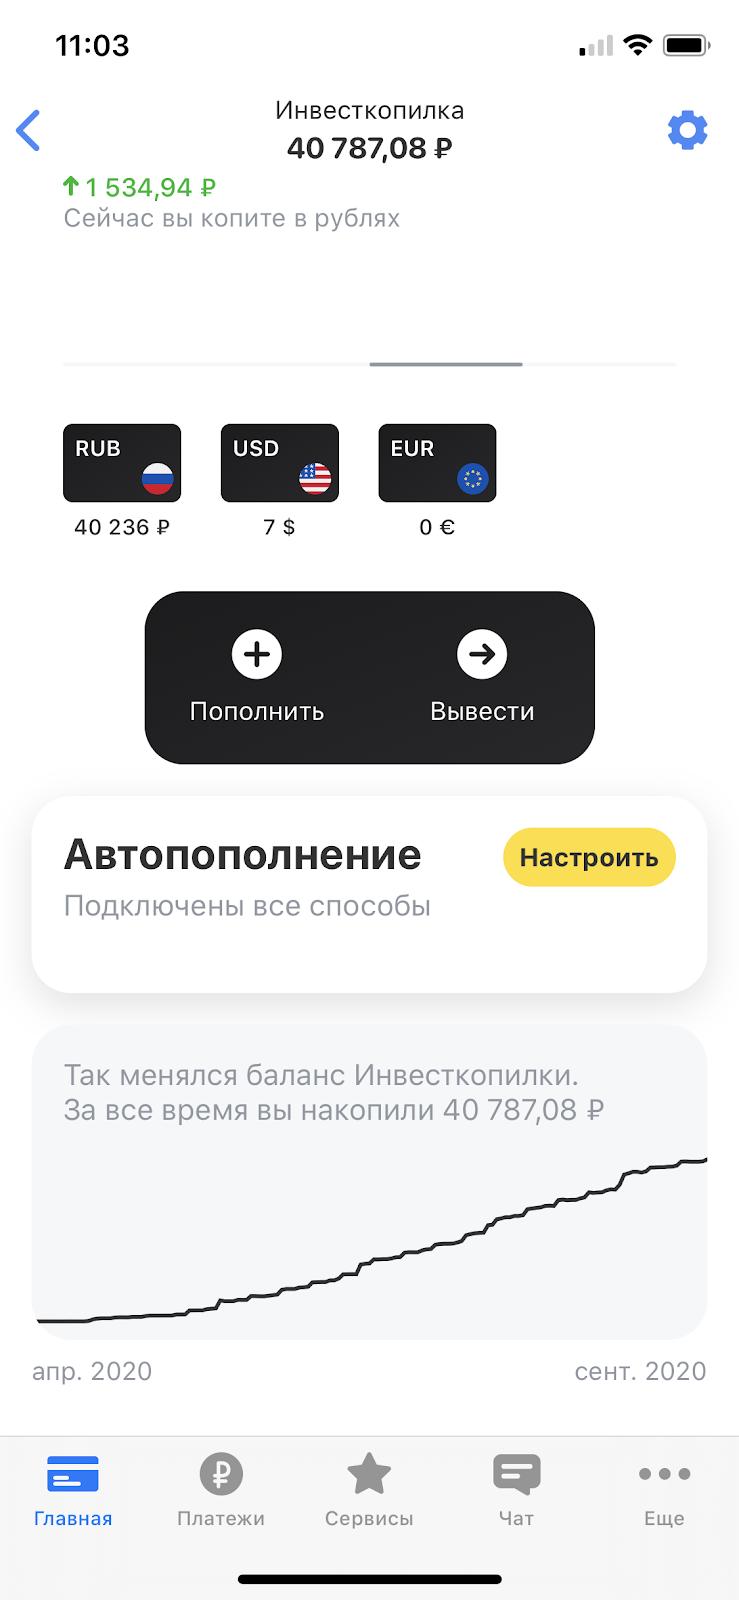 Как сотруднику Тинькофф удалось накопить 40 000 рублей за полгода, ничего не делая